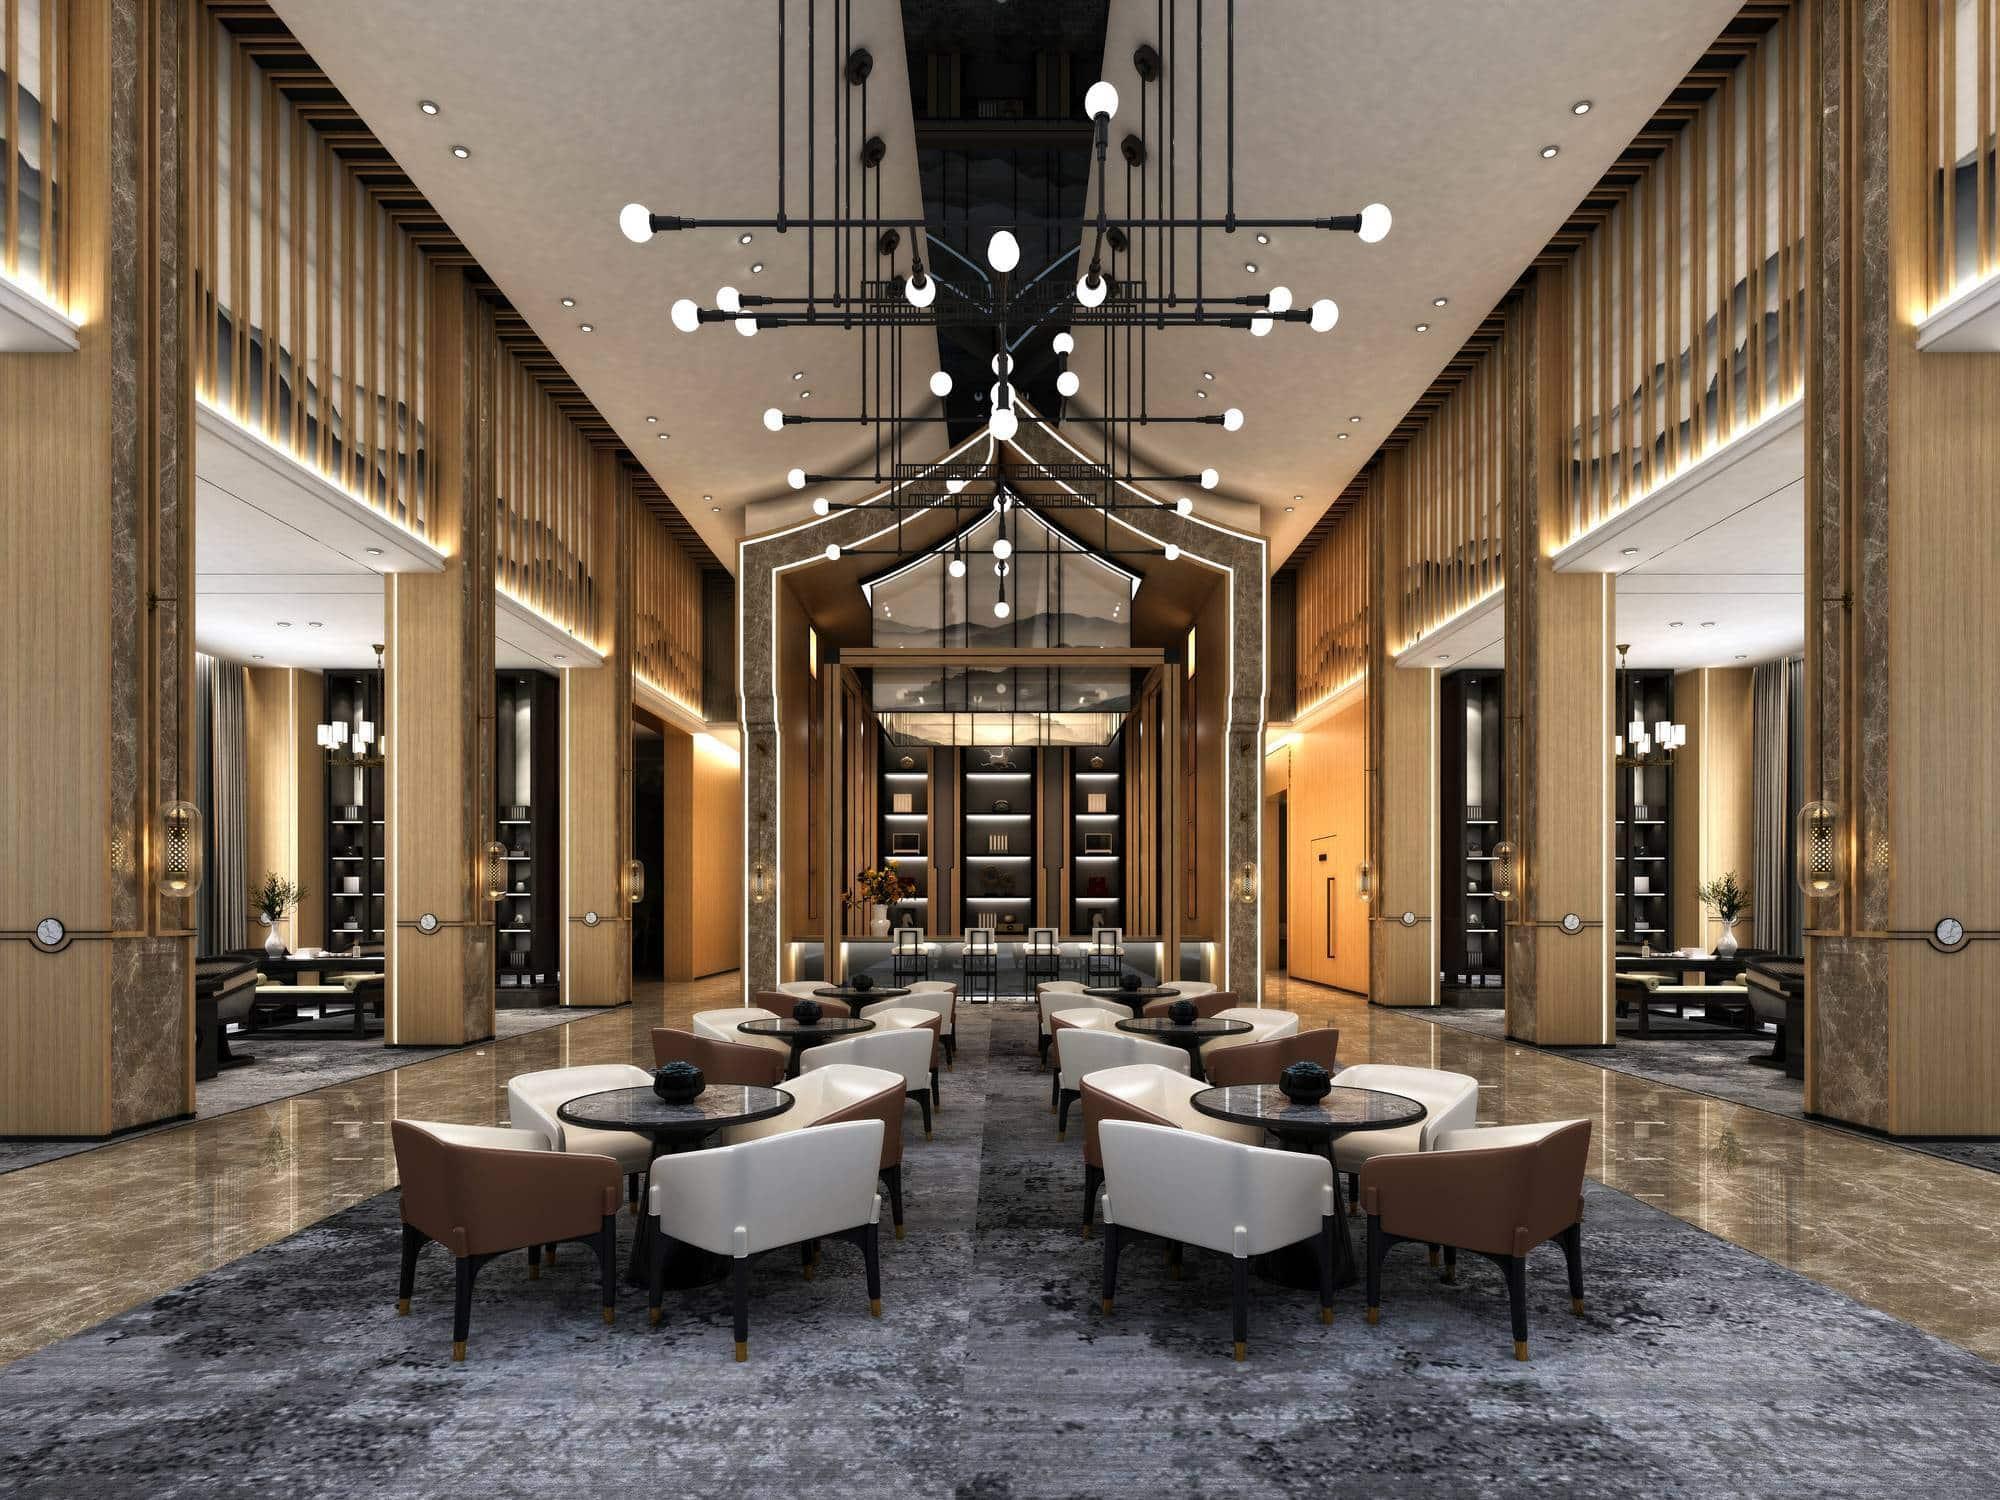 marbre revêtement de sol hall d'accueil